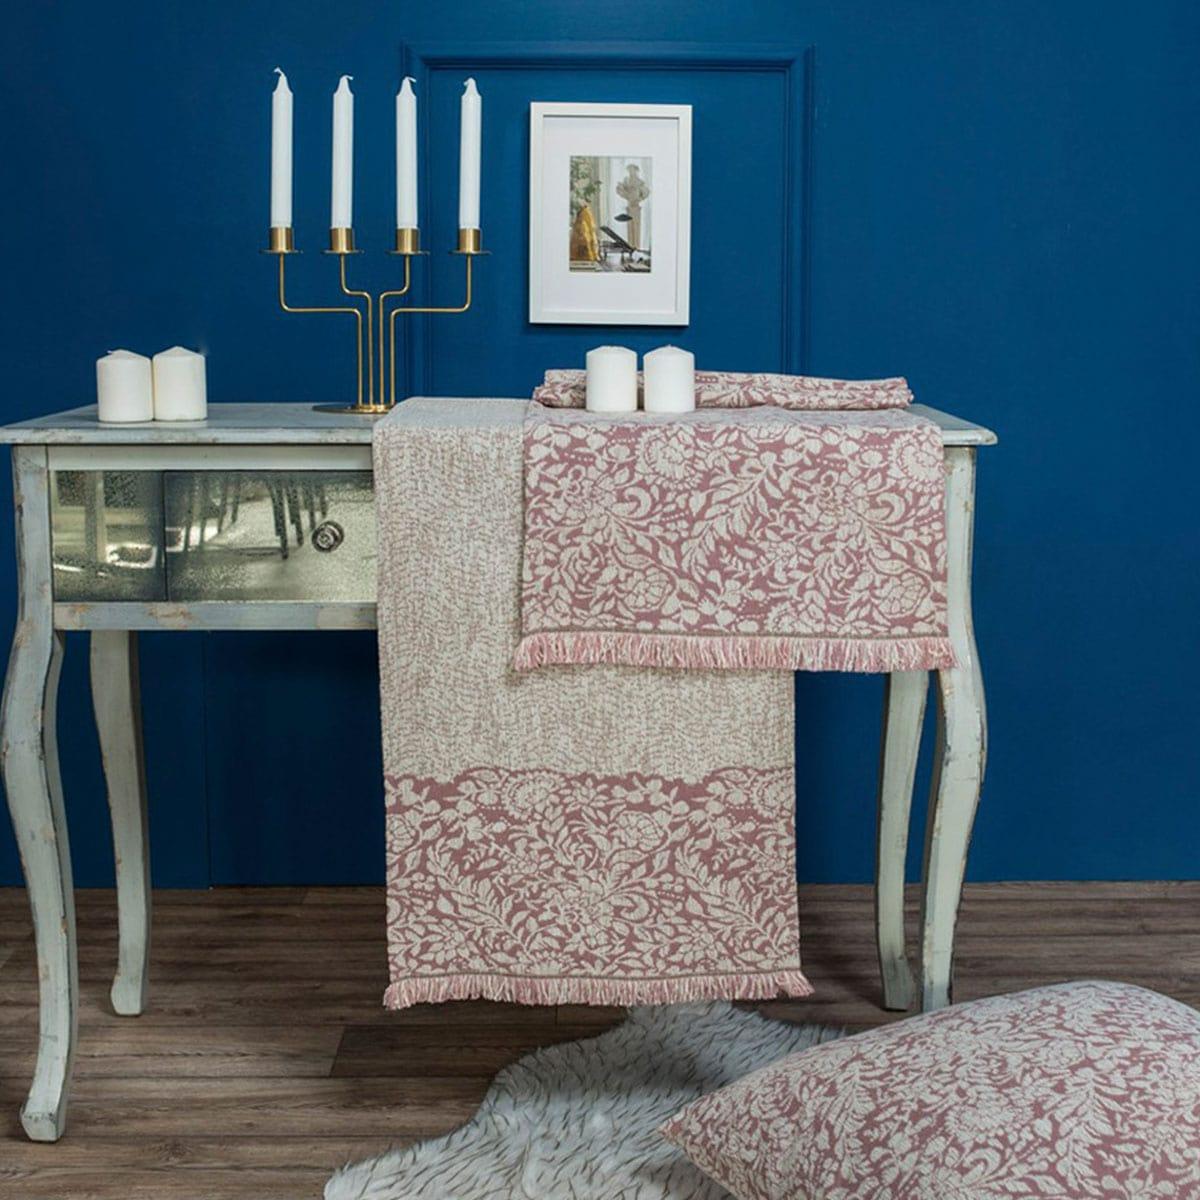 Μαξιλαροθήκη Διακοσμητική Δαπέδου Virginia 12 Rose Teoran 60X60 Ακρυλικό-Polyester